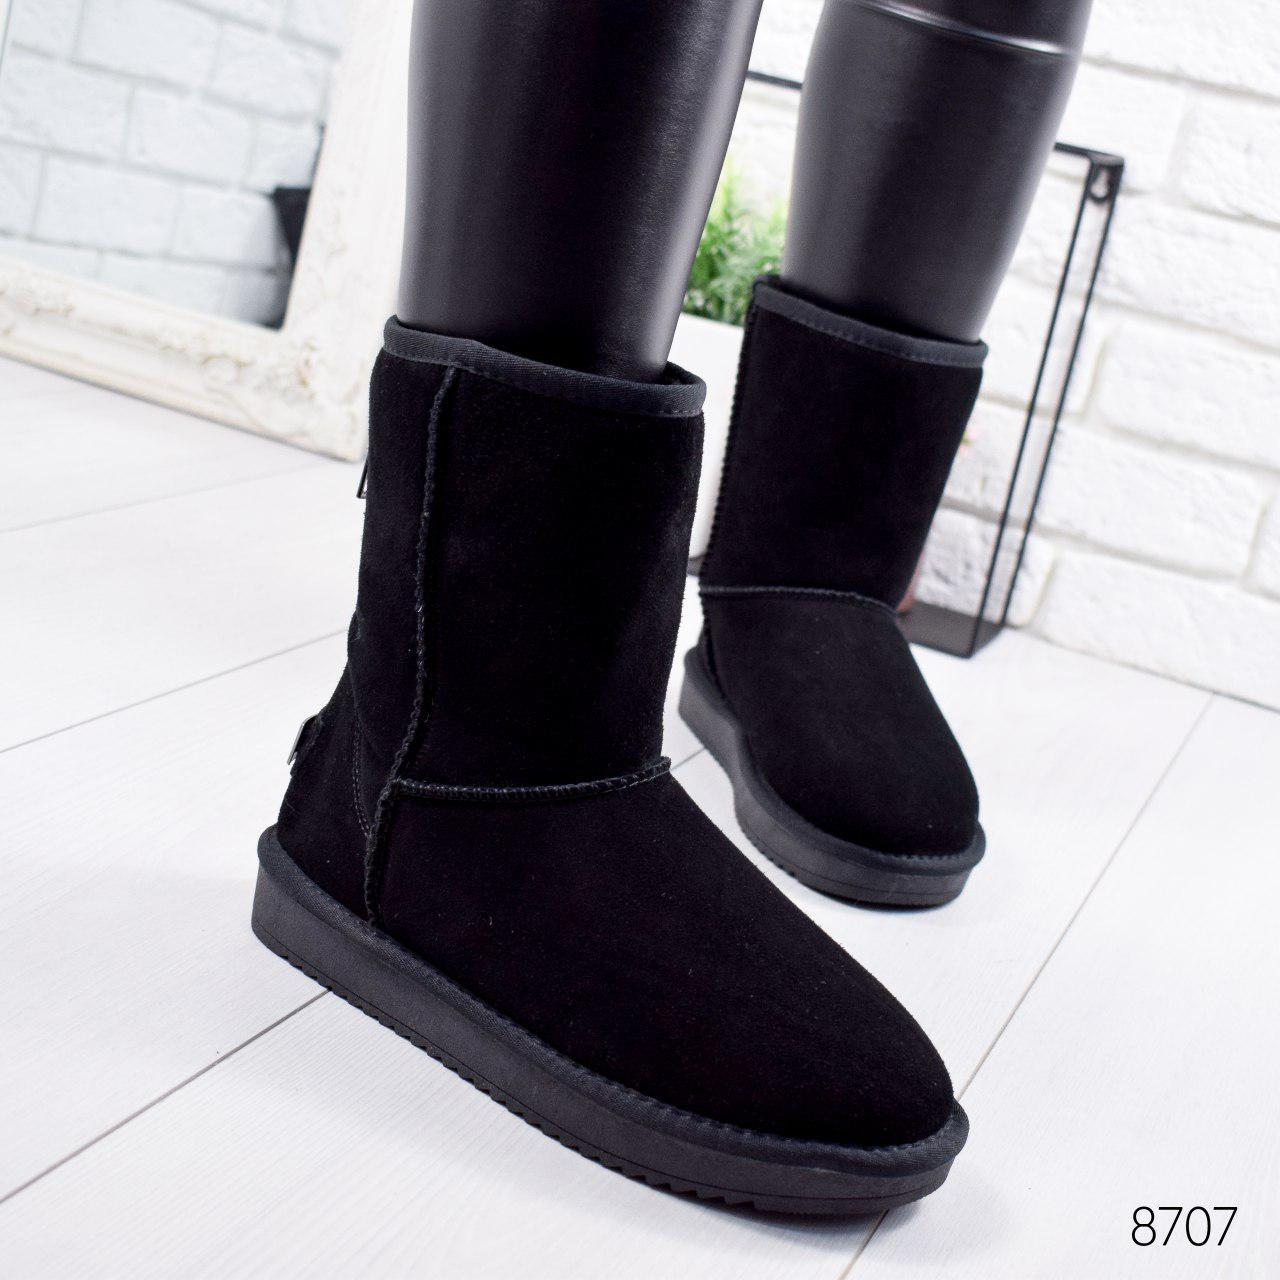 """Угги средние, сапоги зимние """"Drugeme"""" черного цвета из НАТУРАЛЬНОЙ ЗАМШИ. Зимние угги. Теплая обувь"""